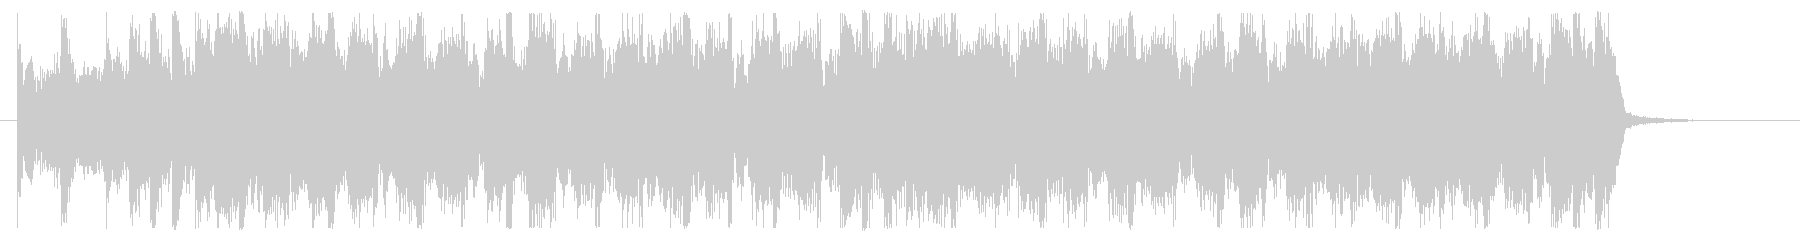 シンプル/ディスコ_No439_4の未再生の波形